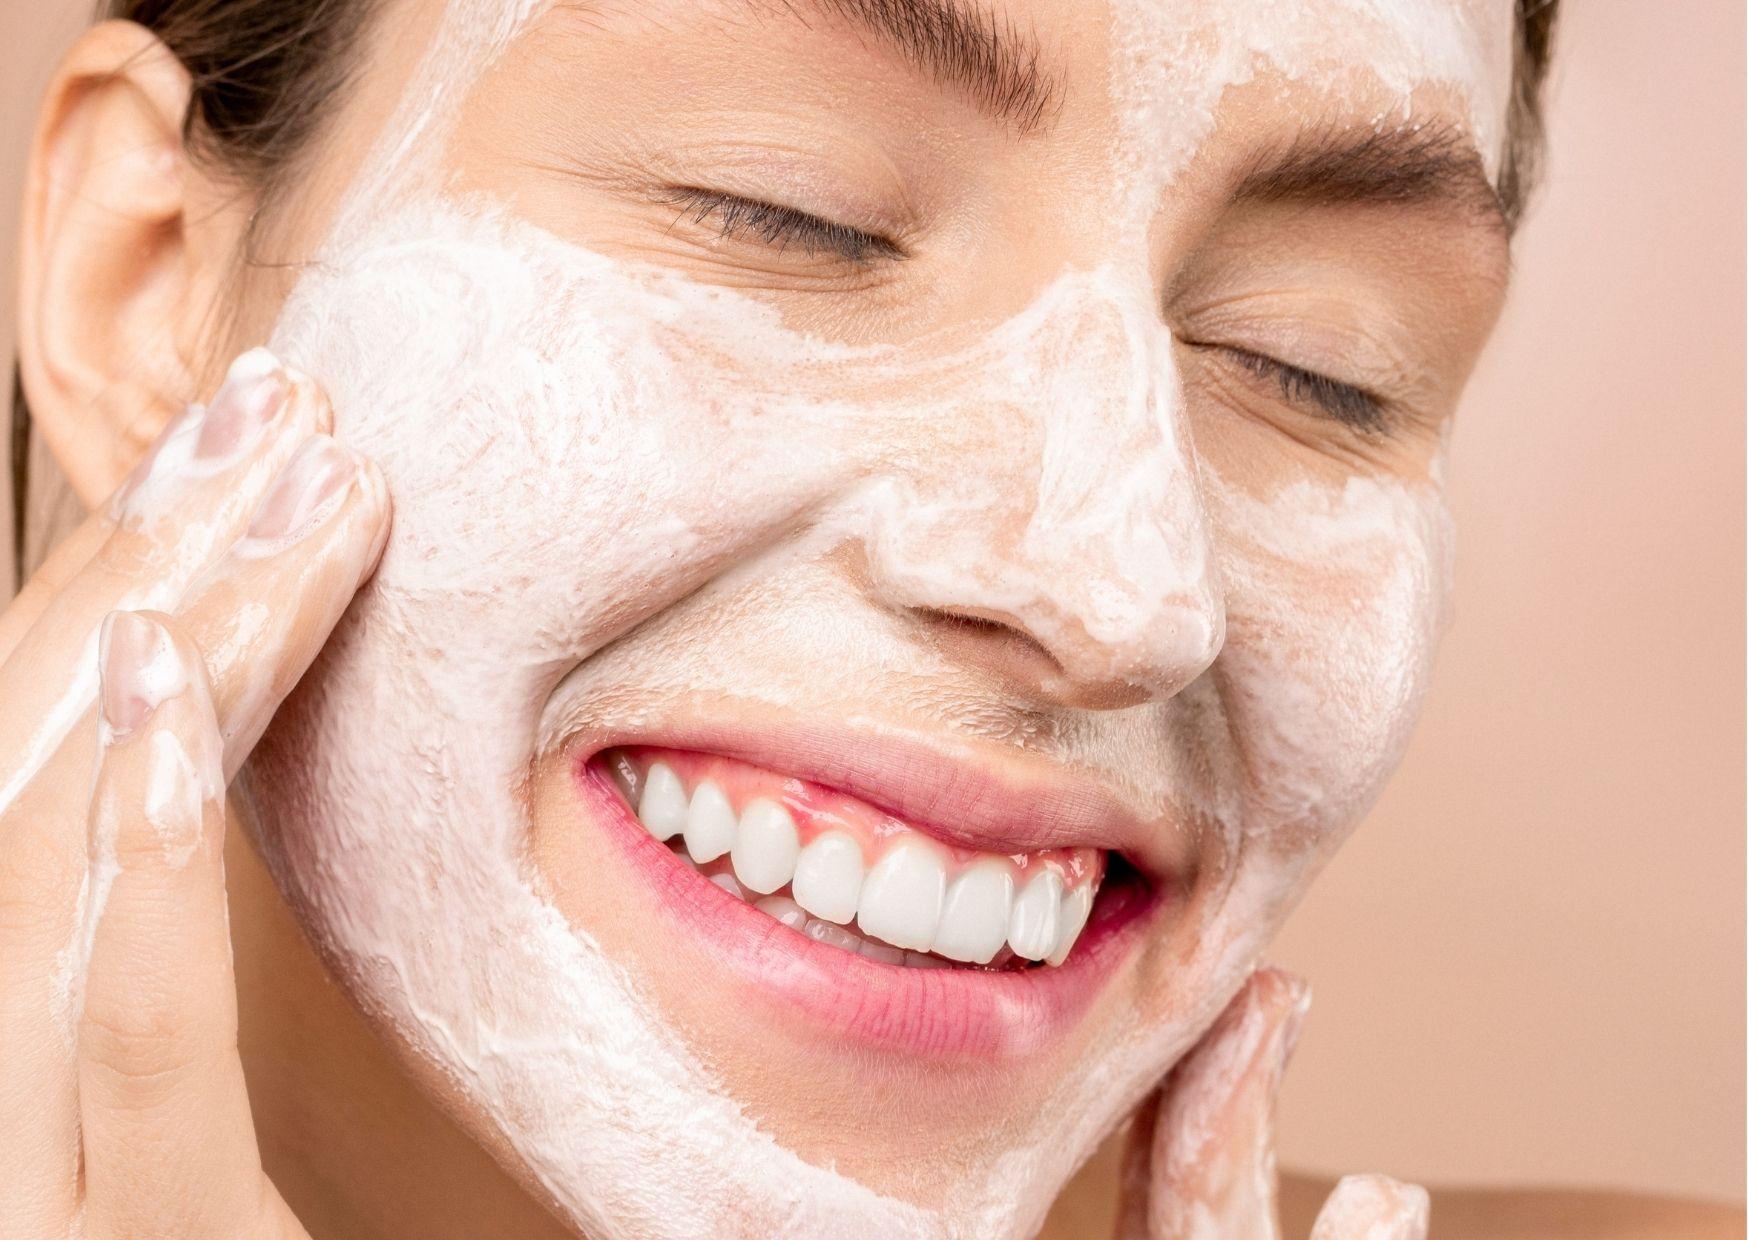 Złuszczanie skóry wyspa kobiet